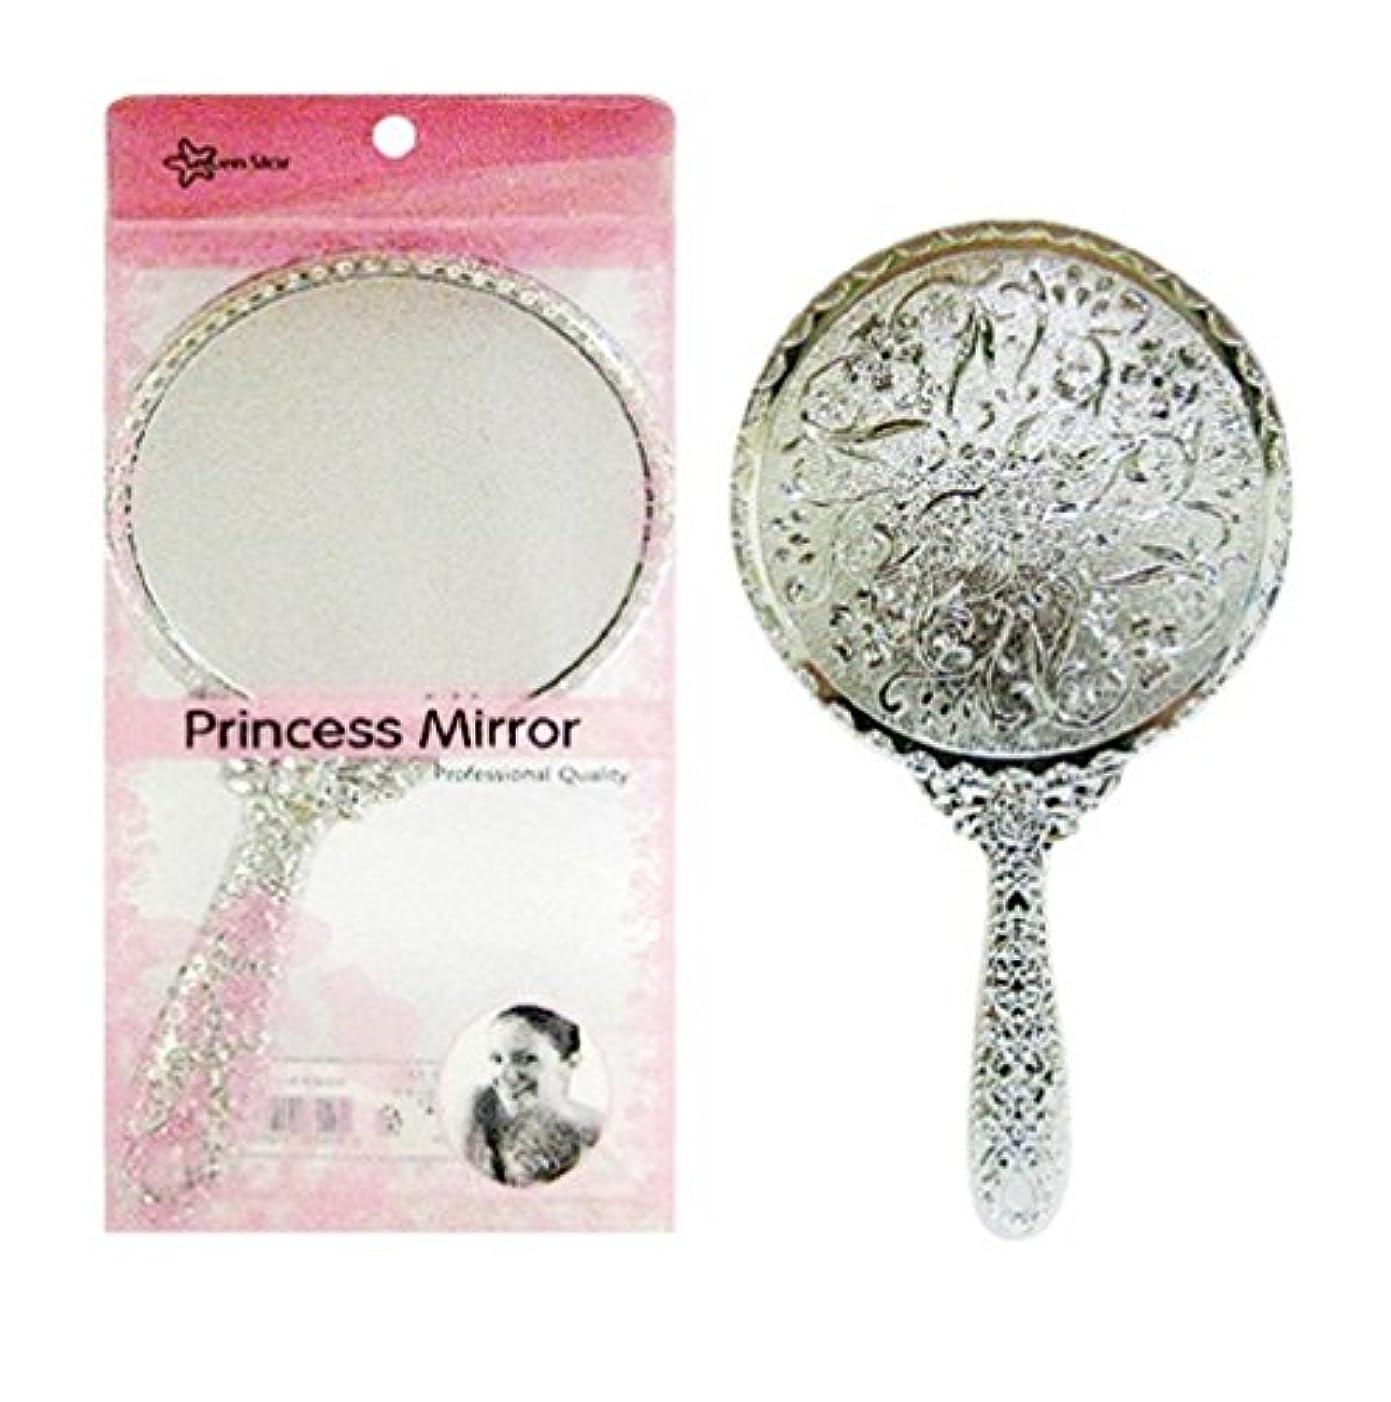 針偉業病気だと思う送料無料 持ち歩きサイズ 丸型 鏡 キラキラお姫様ミラー メッキハンドミラー シルバー 装飾鏡